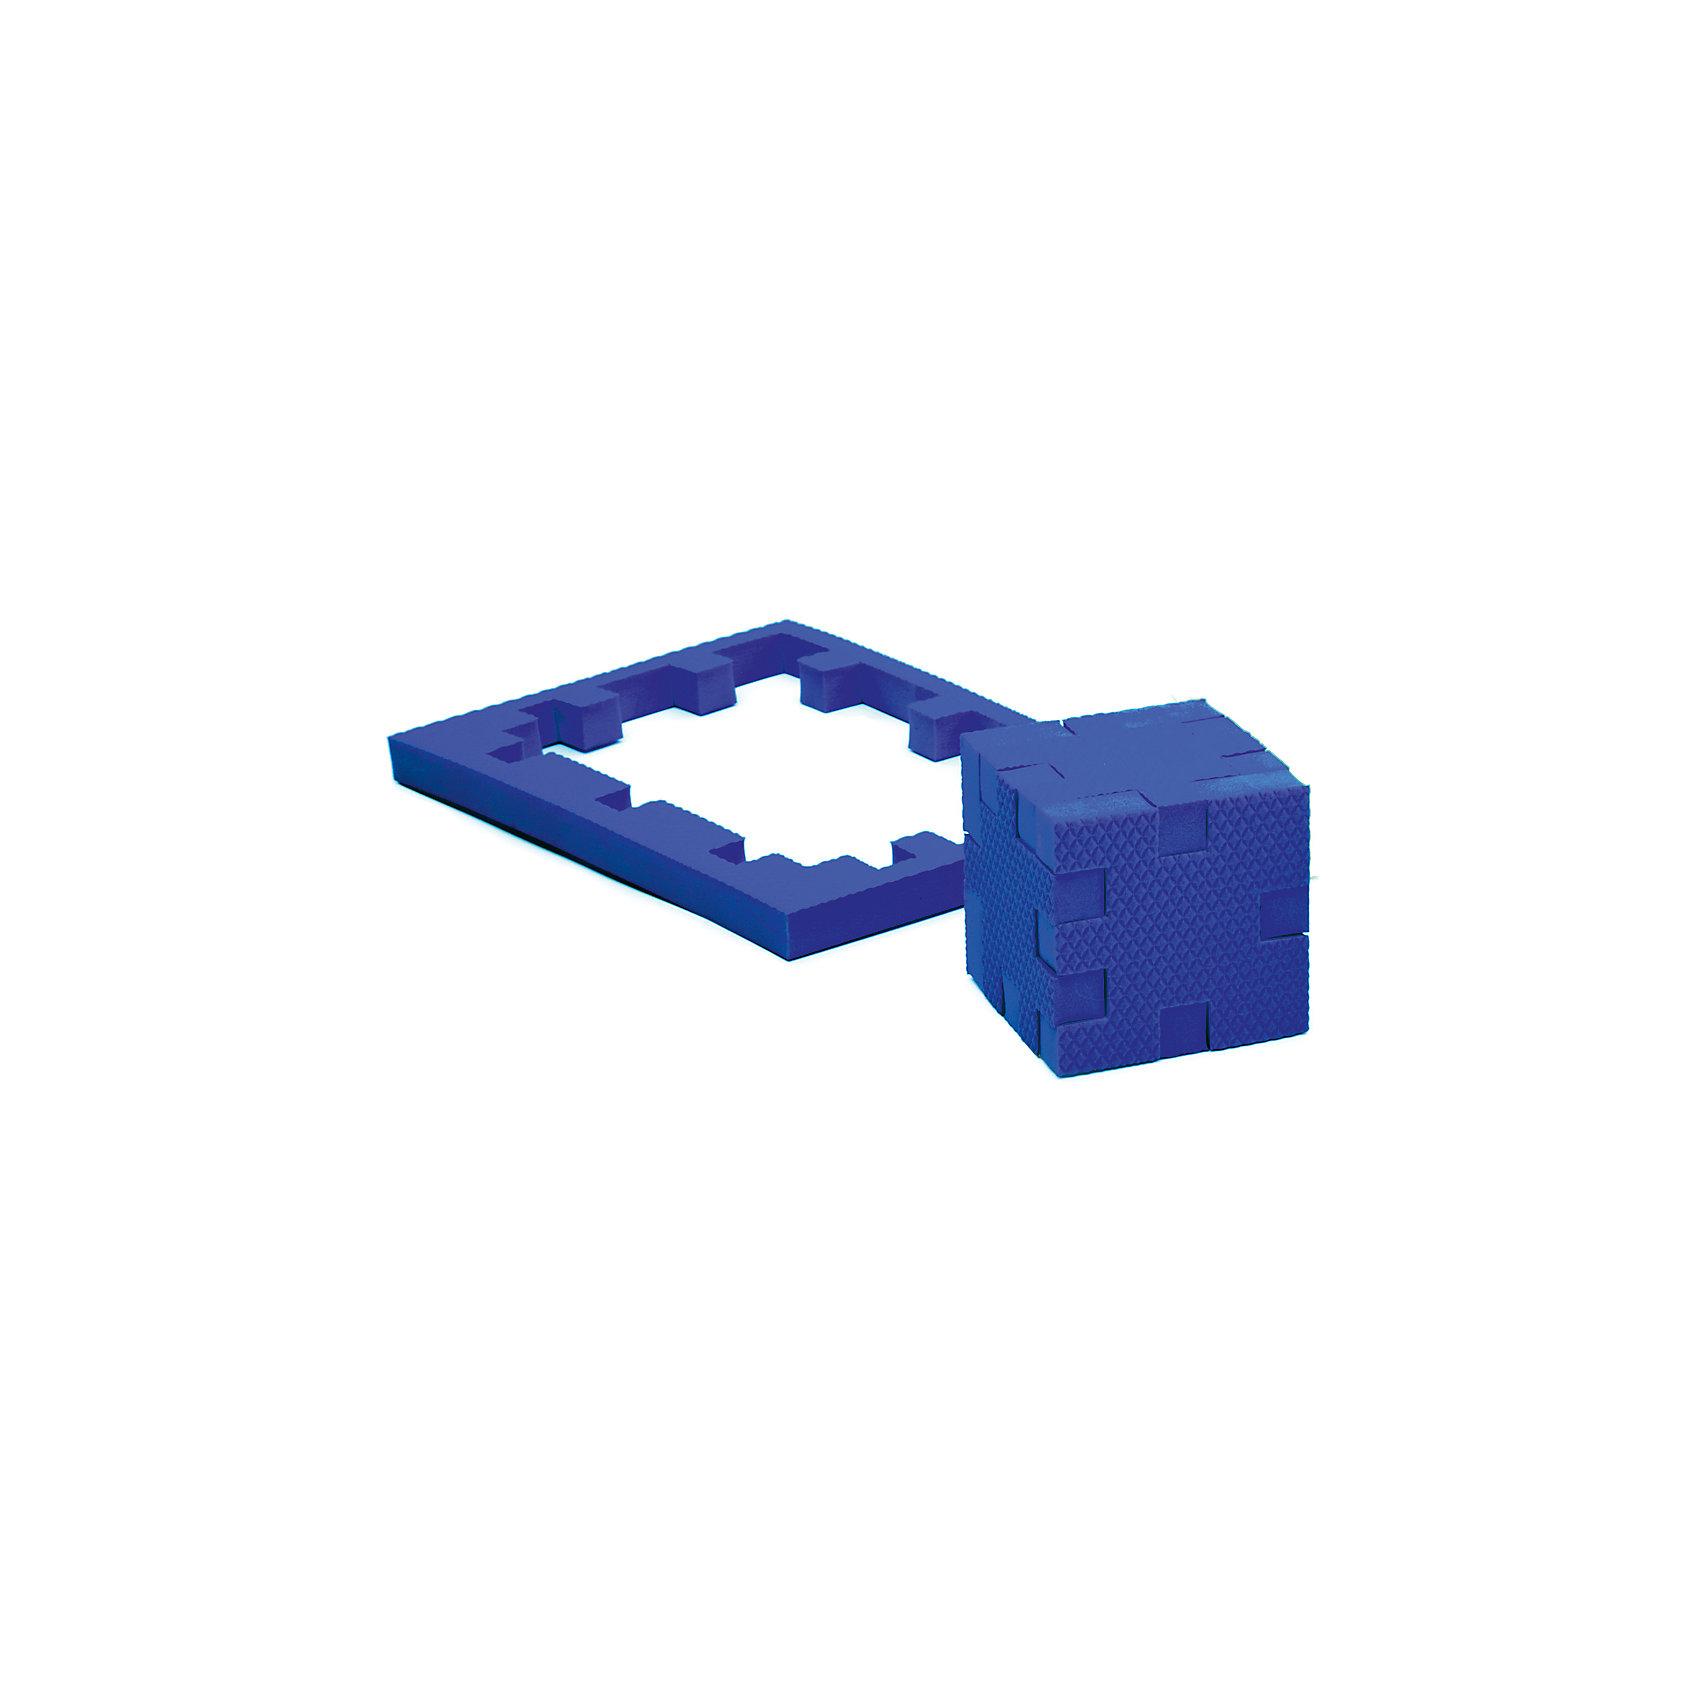 Пазл-конструктор Топаз, PicnMixИгры для дошкольников<br>Топаз - уникальный пазл-конструктор из серии Кубикформ от PicnMix, который поможет развить логику, мелкую моторику и пространственное восприятие. Ребенок сможет собрать пазл, кубик и различные геометрические фигуры. Для начала можно следовать инструкции, а узнав, как устроен чудо-пазл, придумать свои собственные творения. Кроме того, с конструктором Топаз можно смело играть в воде. <br>Пазл-конструктор Топаз - замечательный подарок для юных строителей!<br><br>Дополнительная информация:<br>Цвет: синий<br>Материал: ЭВА(вспененный полимер)<br>Размер упаковки: 21,5х1,5х15,5 см<br>Вес: 45 грамм<br><br>Пазл-конструктор Топаз от PicnMix можно приобрести в нашем интернет-магазине.<br><br>Ширина мм: 215<br>Глубина мм: 15<br>Высота мм: 160<br>Вес г: 50<br>Возраст от месяцев: 36<br>Возраст до месяцев: 60<br>Пол: Унисекс<br>Возраст: Детский<br>SKU: 5008787